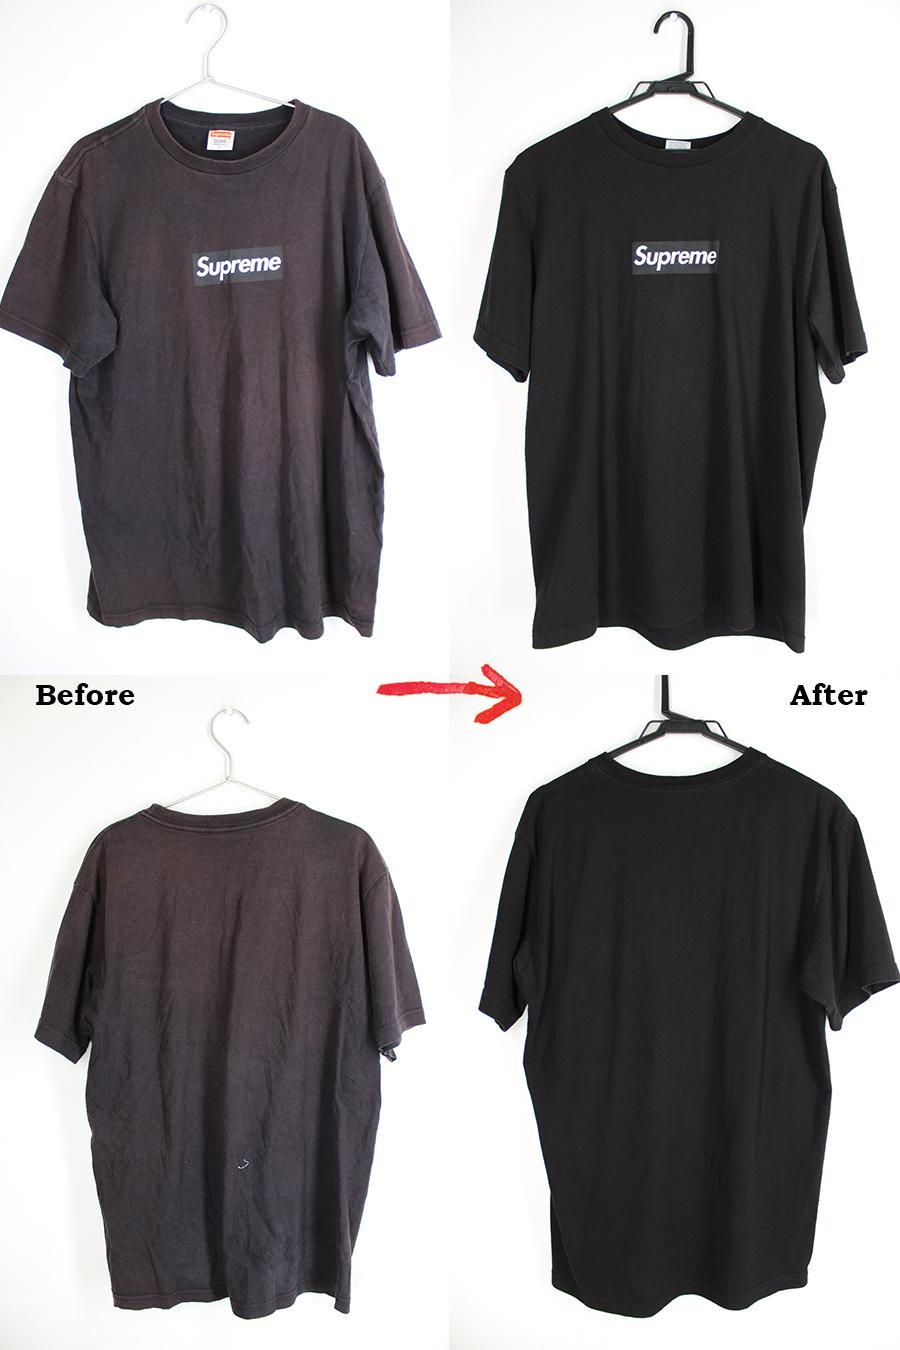 シュプリームTシャツの色あせを染め直し